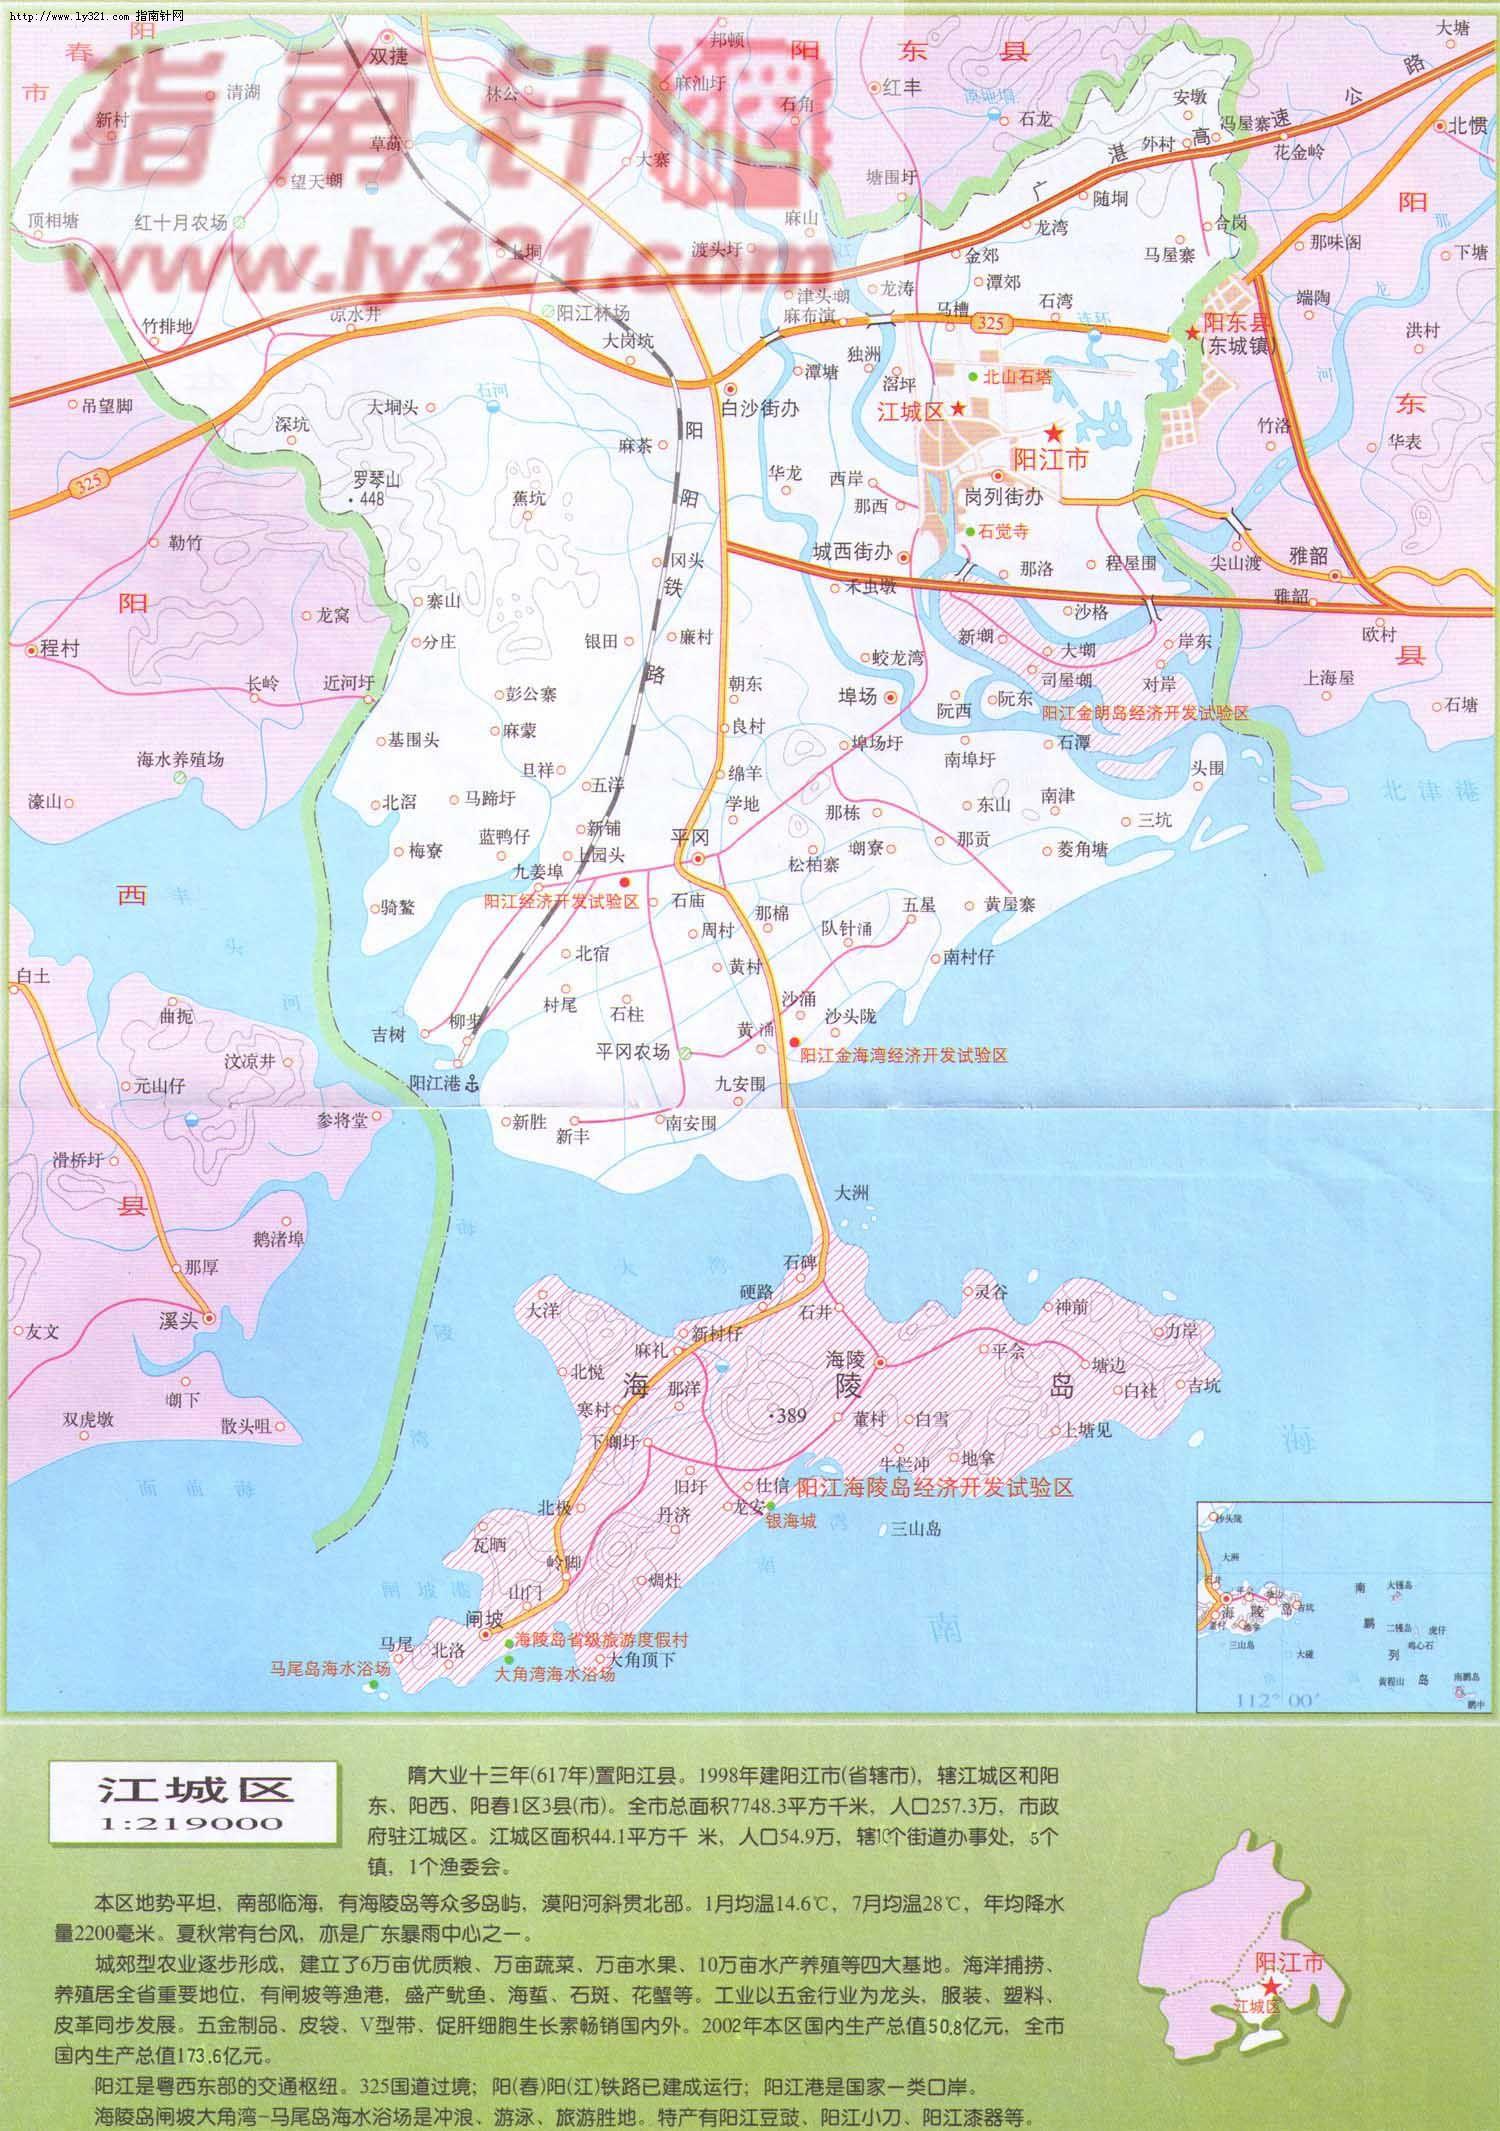 广东省阳江市江城区地图